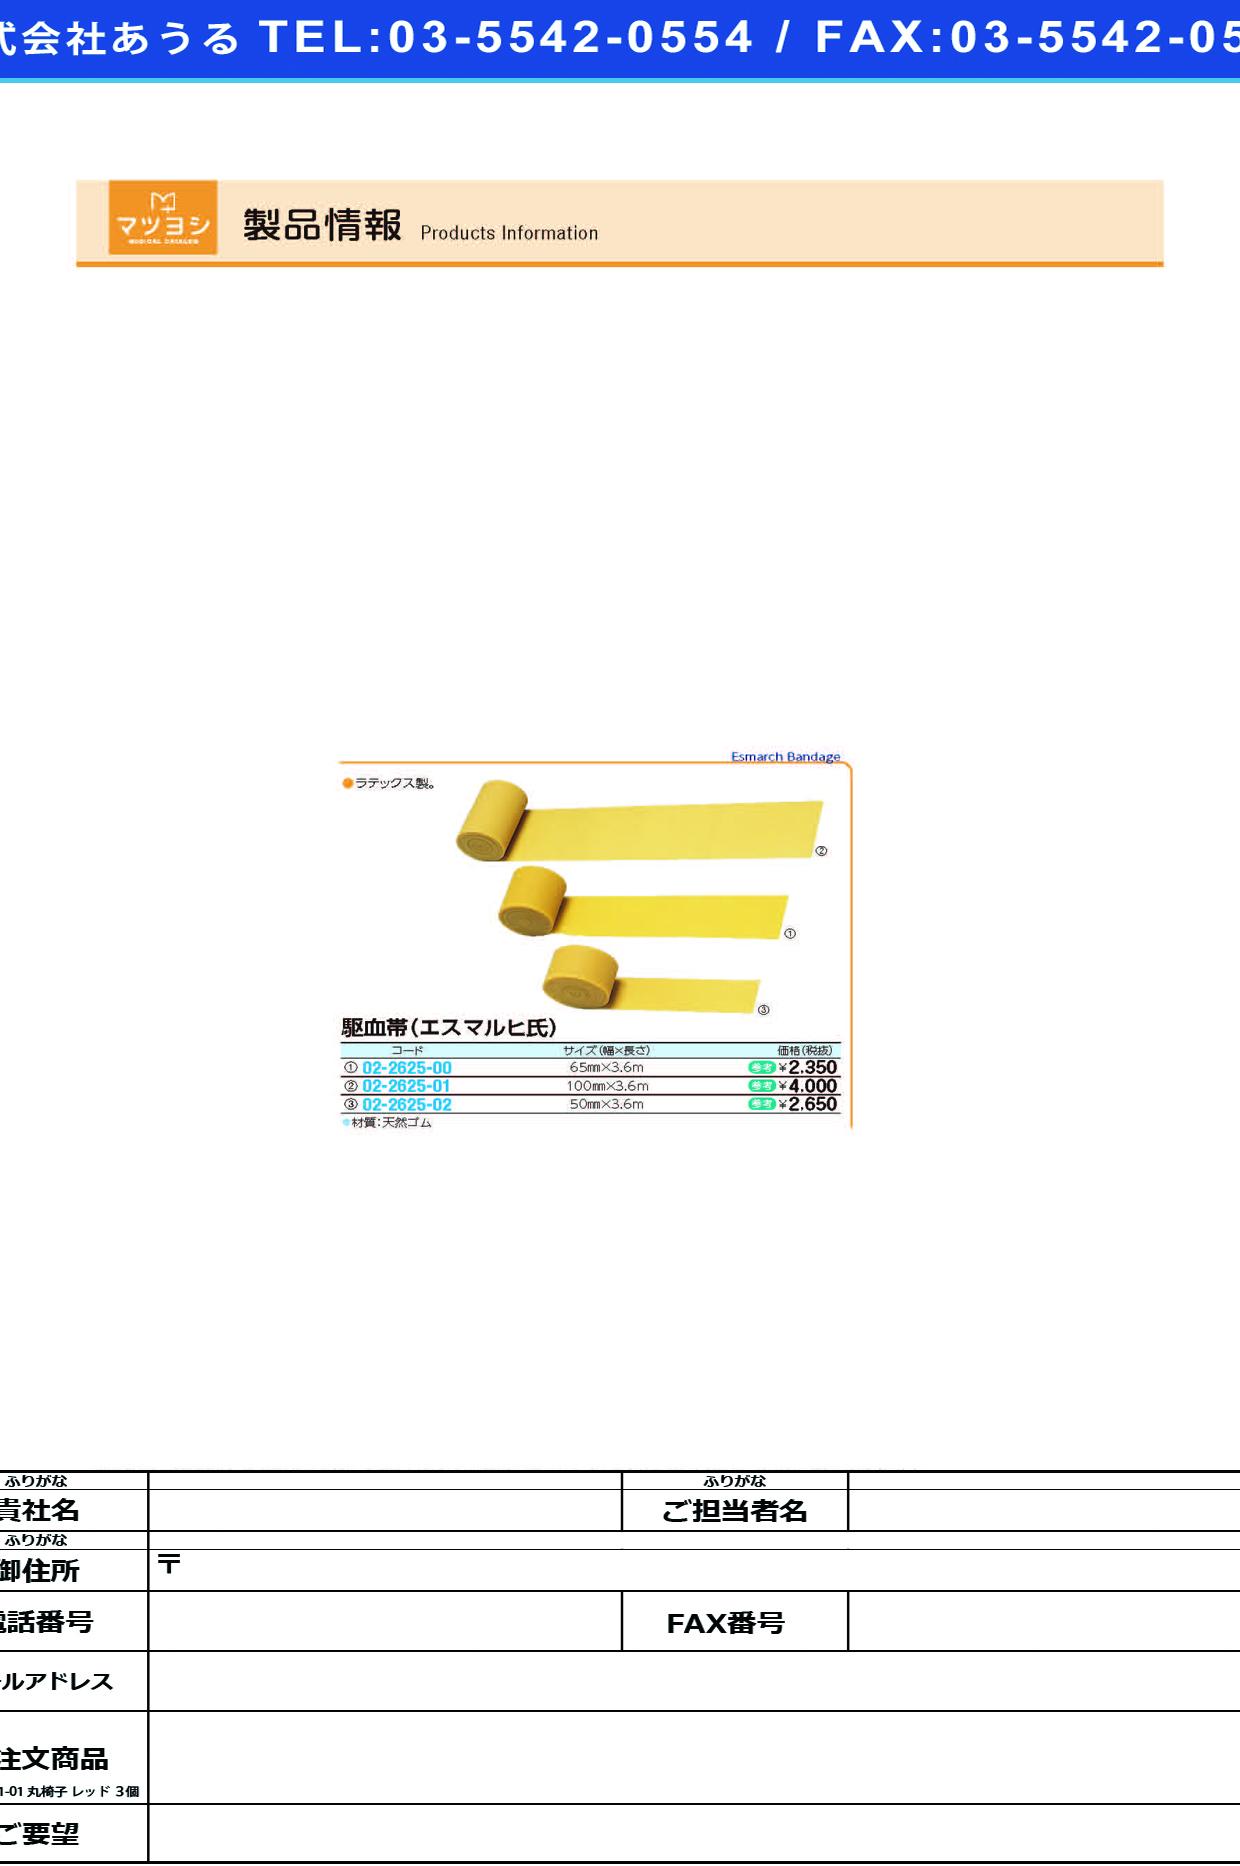 (02-2625-01)駆血帯(エスマルヒ氏) 100MMX3.6M クケツタイ(エスマルヒシ)【1巻単位】【2019年カタログ商品】